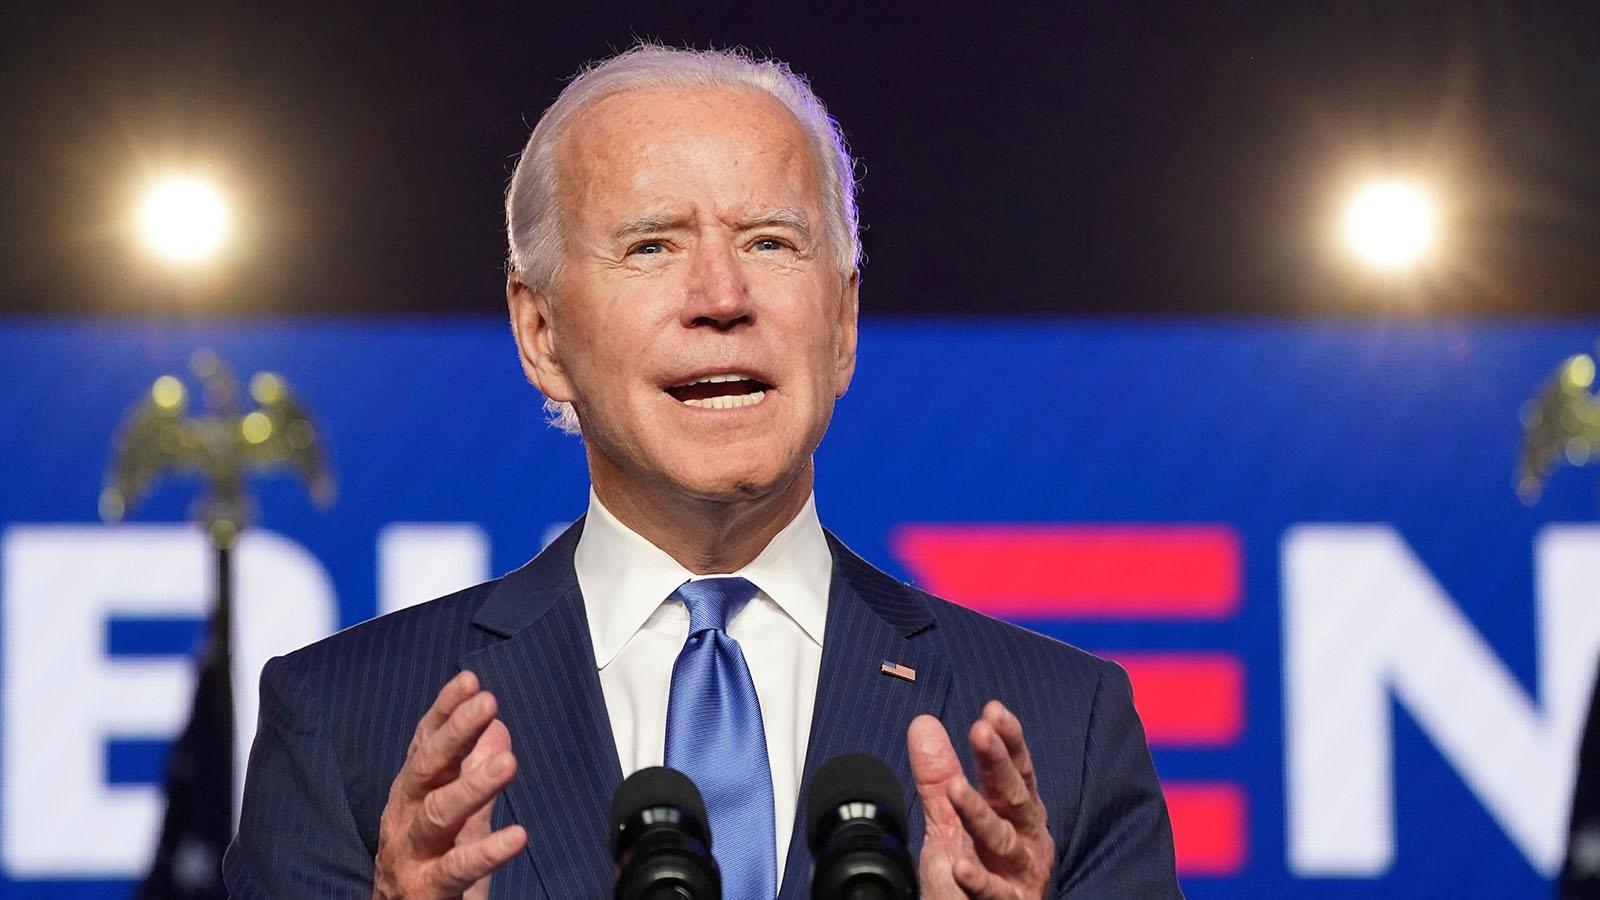 Cập nhật bầu cử Mỹ: CNN tuyên bố Joe Biden đắc cử Tổng thống Hoa Kỳ thứ 46